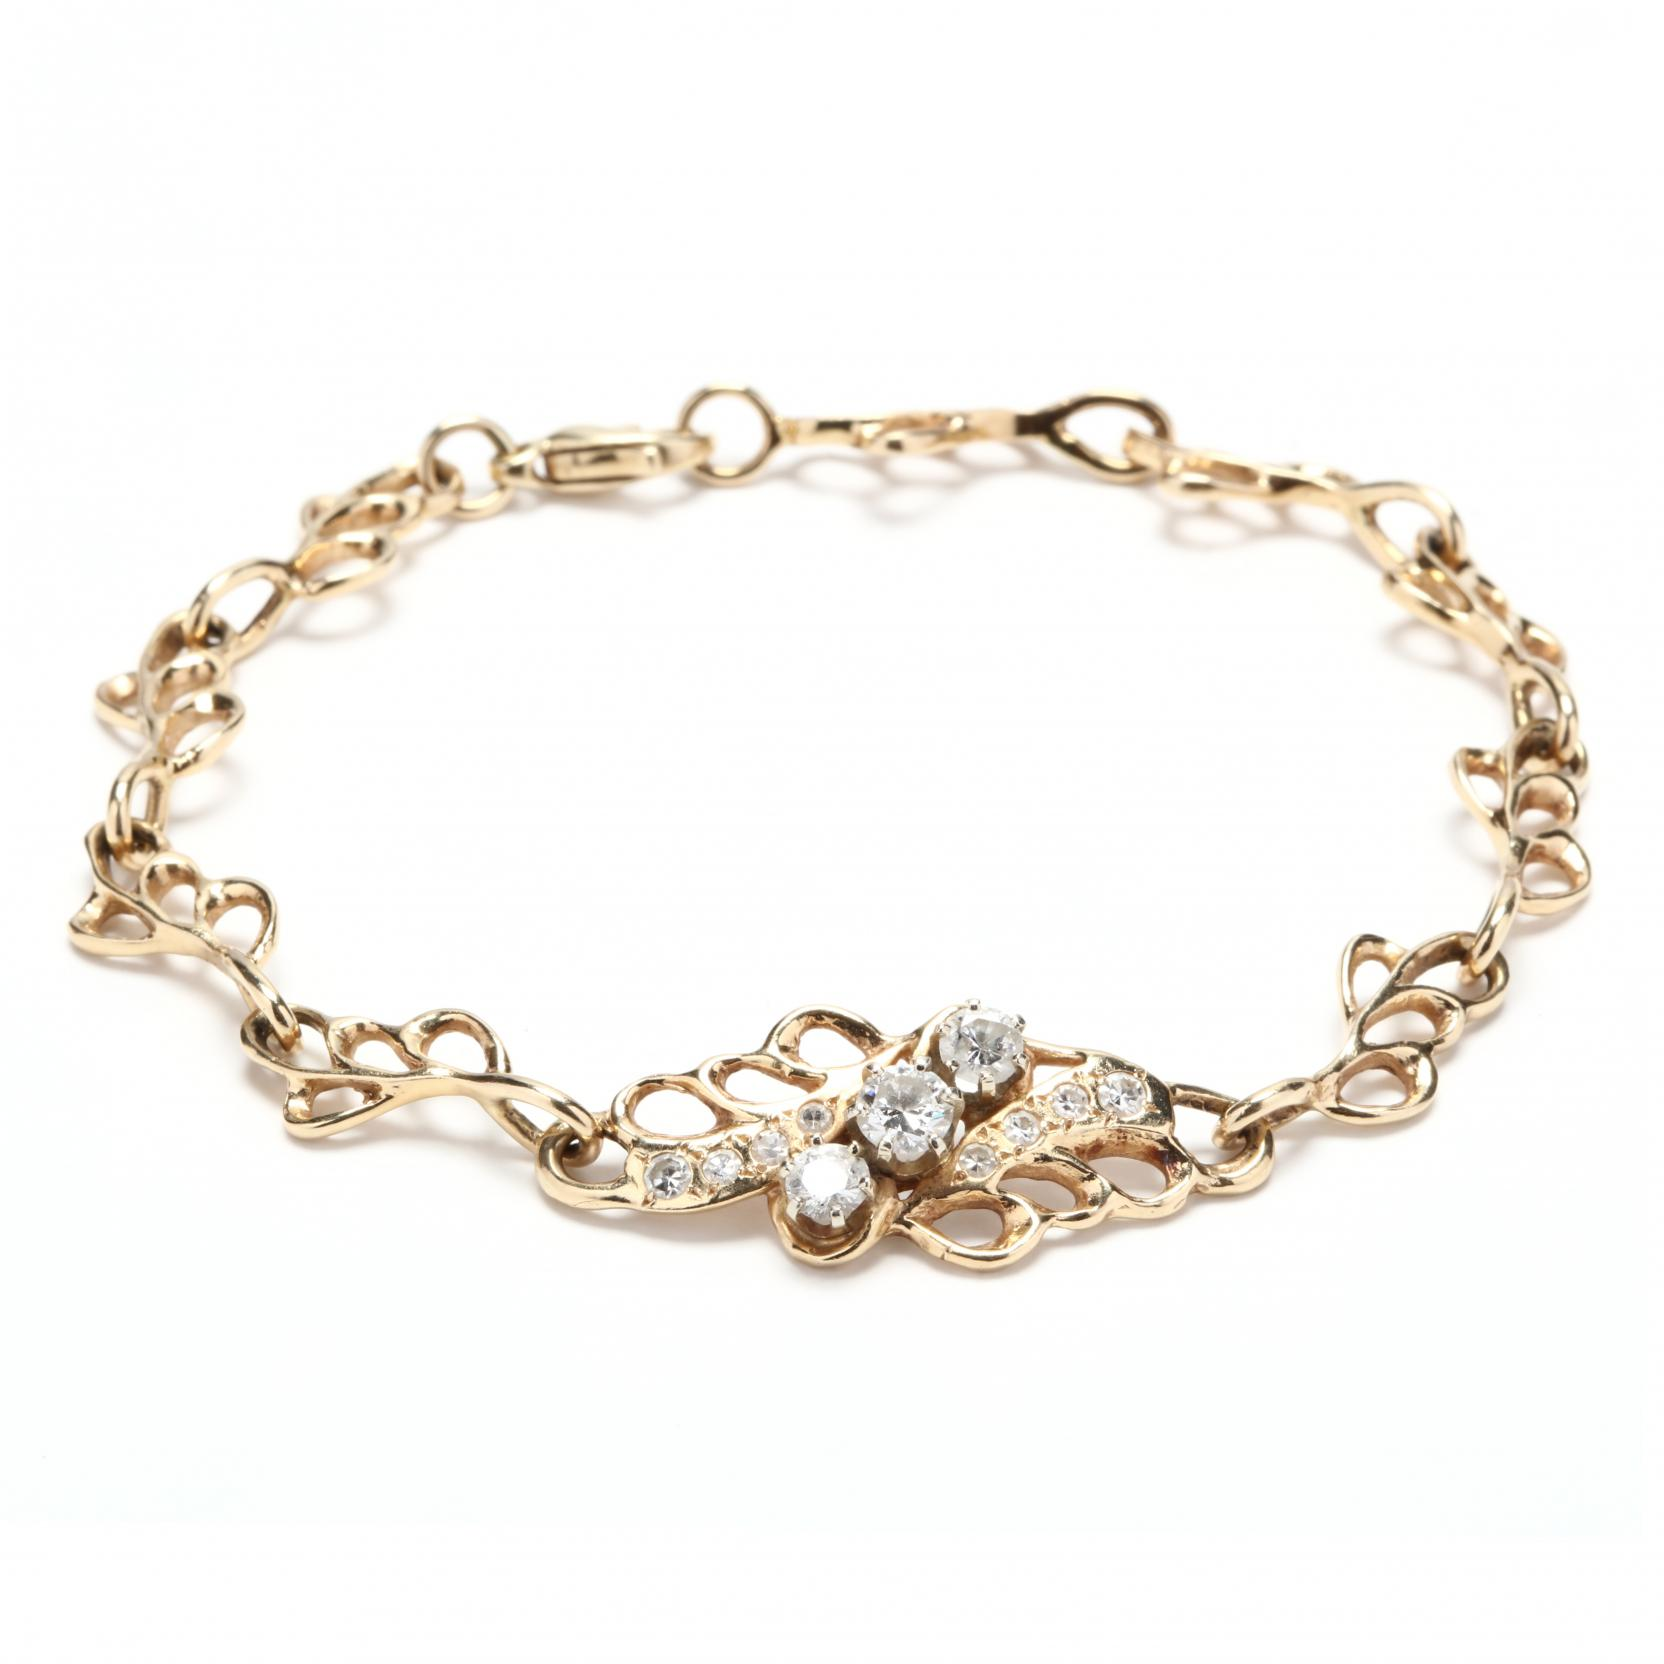 14kt-gold-and-diamond-bracelet